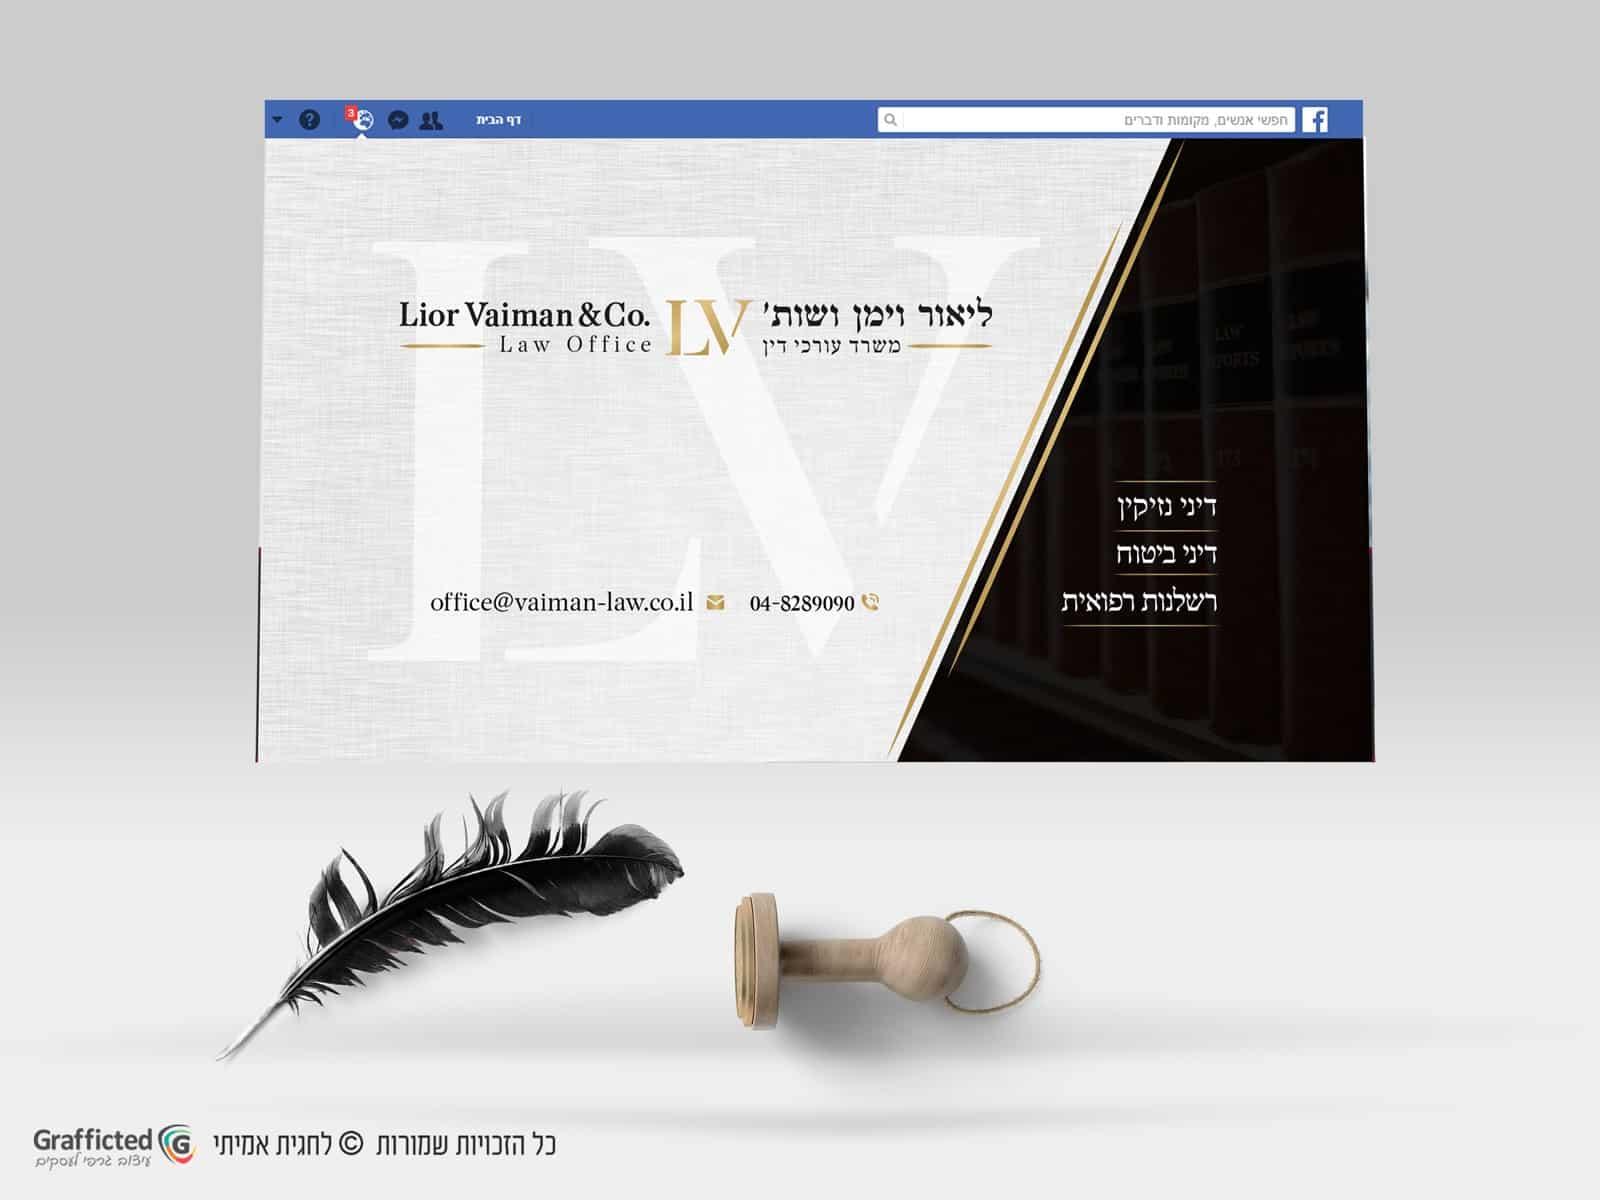 עיצוב-לפייסבוק-עסקי-לעורך-דין